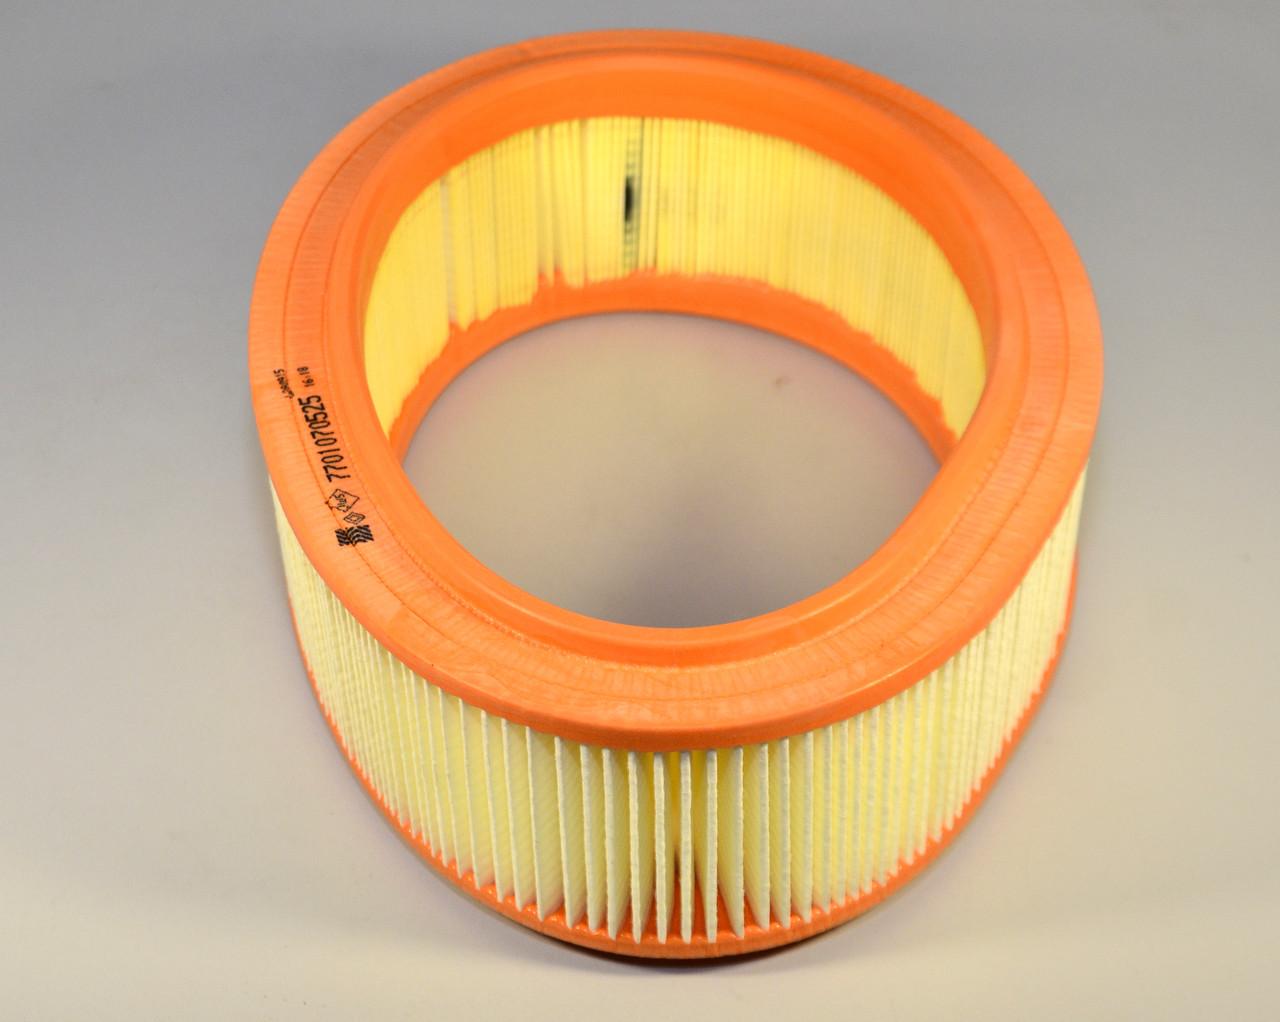 Фильтр воздуха 1.4i (PX A1278) на Renault Kangoo + Nissan Kubistar 01->08 — RENAULT (Оригинал) - 7701070525